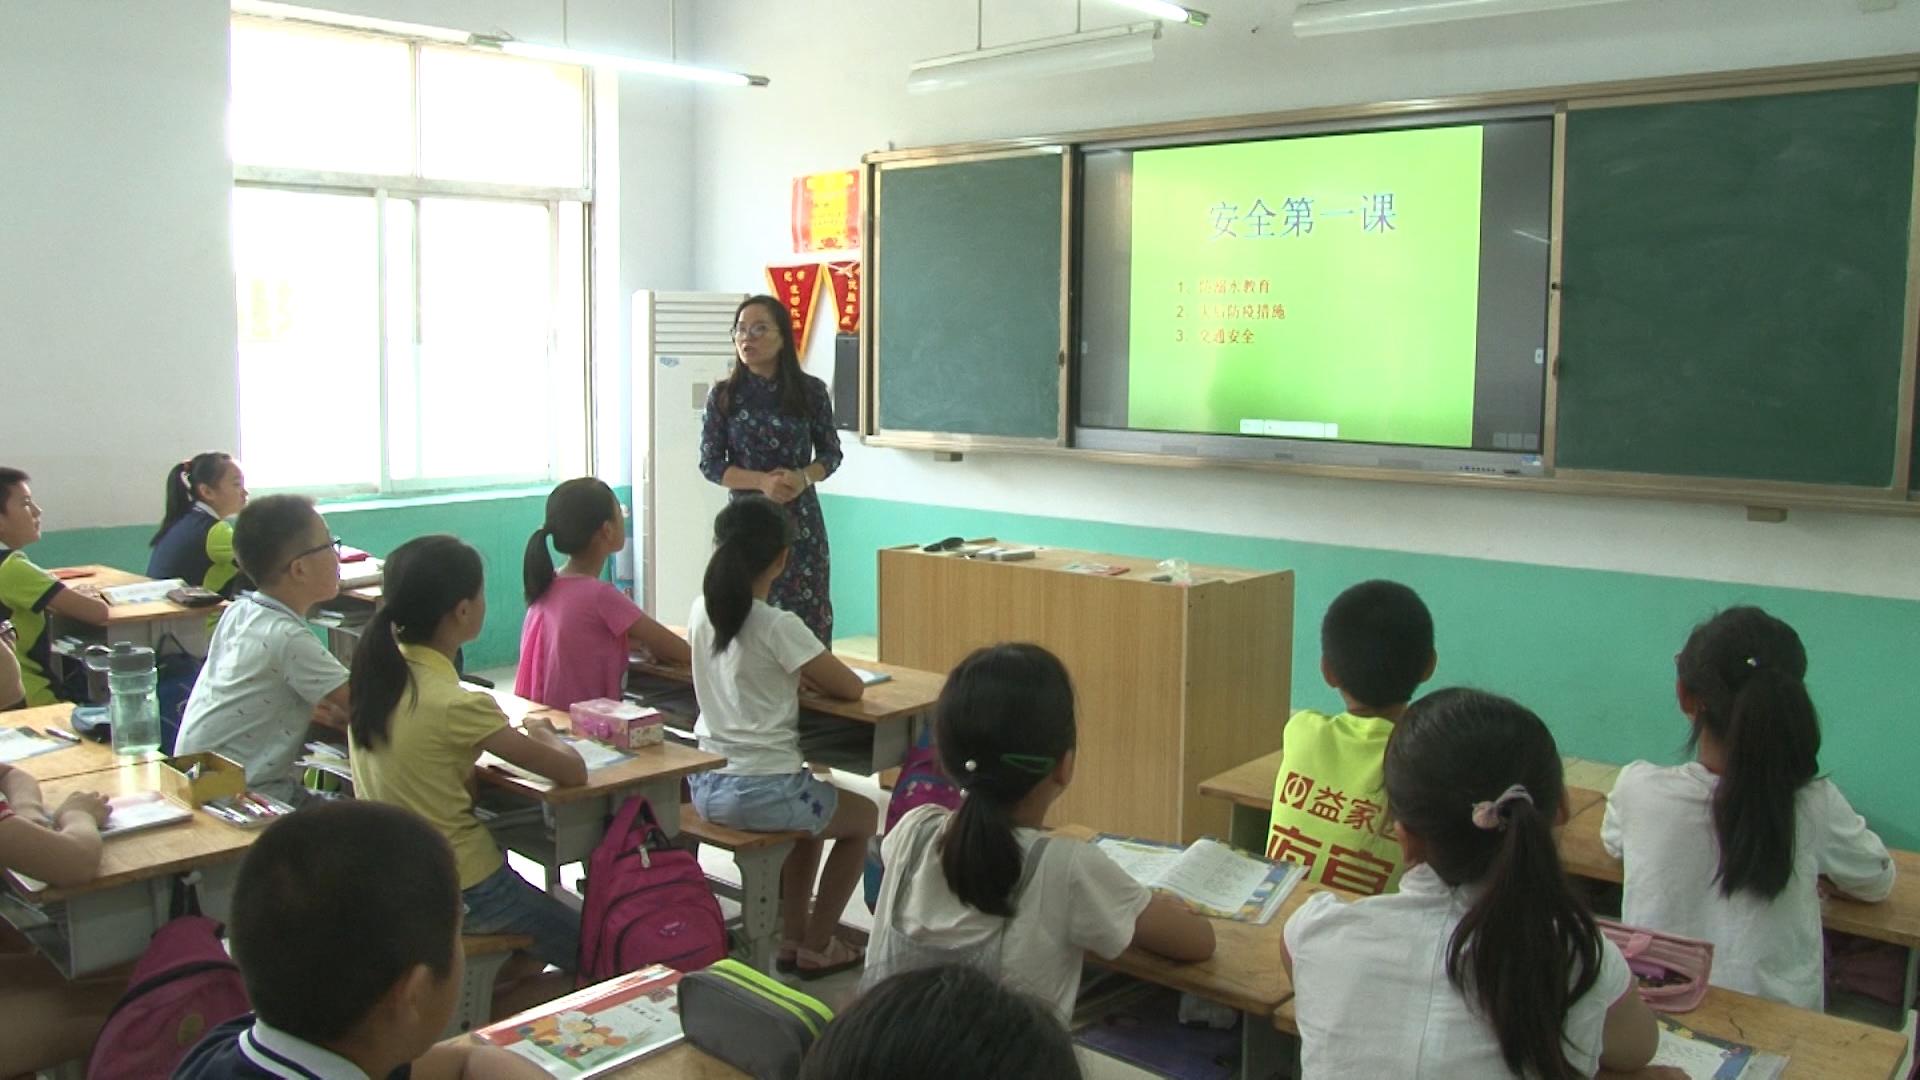 """49秒丨按时开学!青州王坟小学第一课学会""""如何感恩"""""""